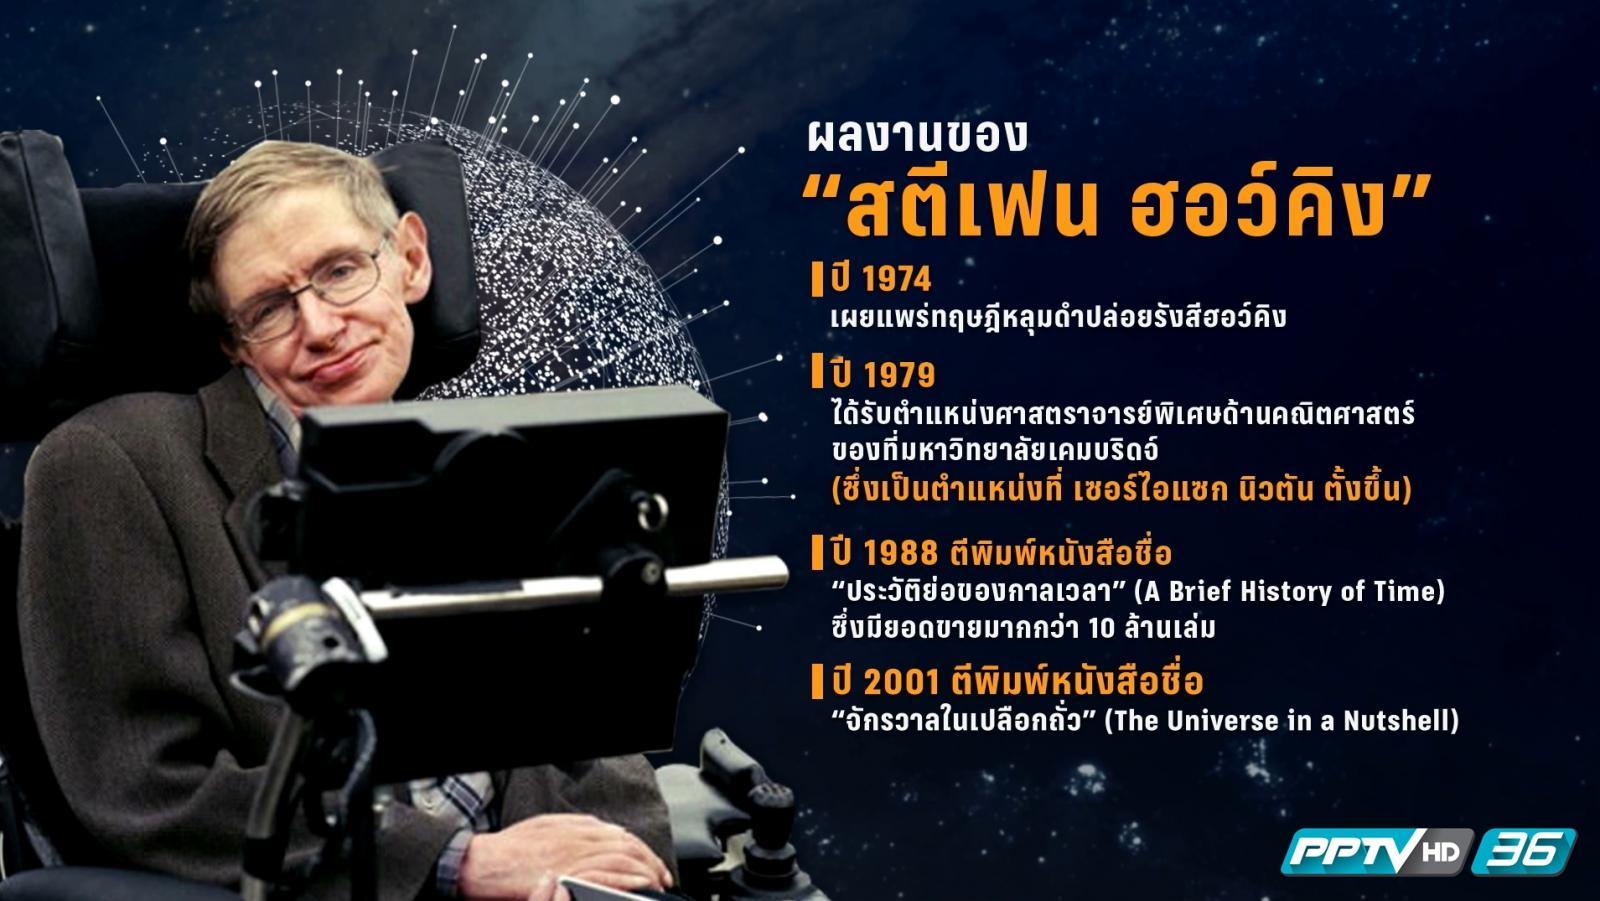 """""""สตีเฟน ฮอว์คิง"""" นักฟิสิกส์ชั้นนำของโลก เสียชีวิตวัย 76 ปี"""